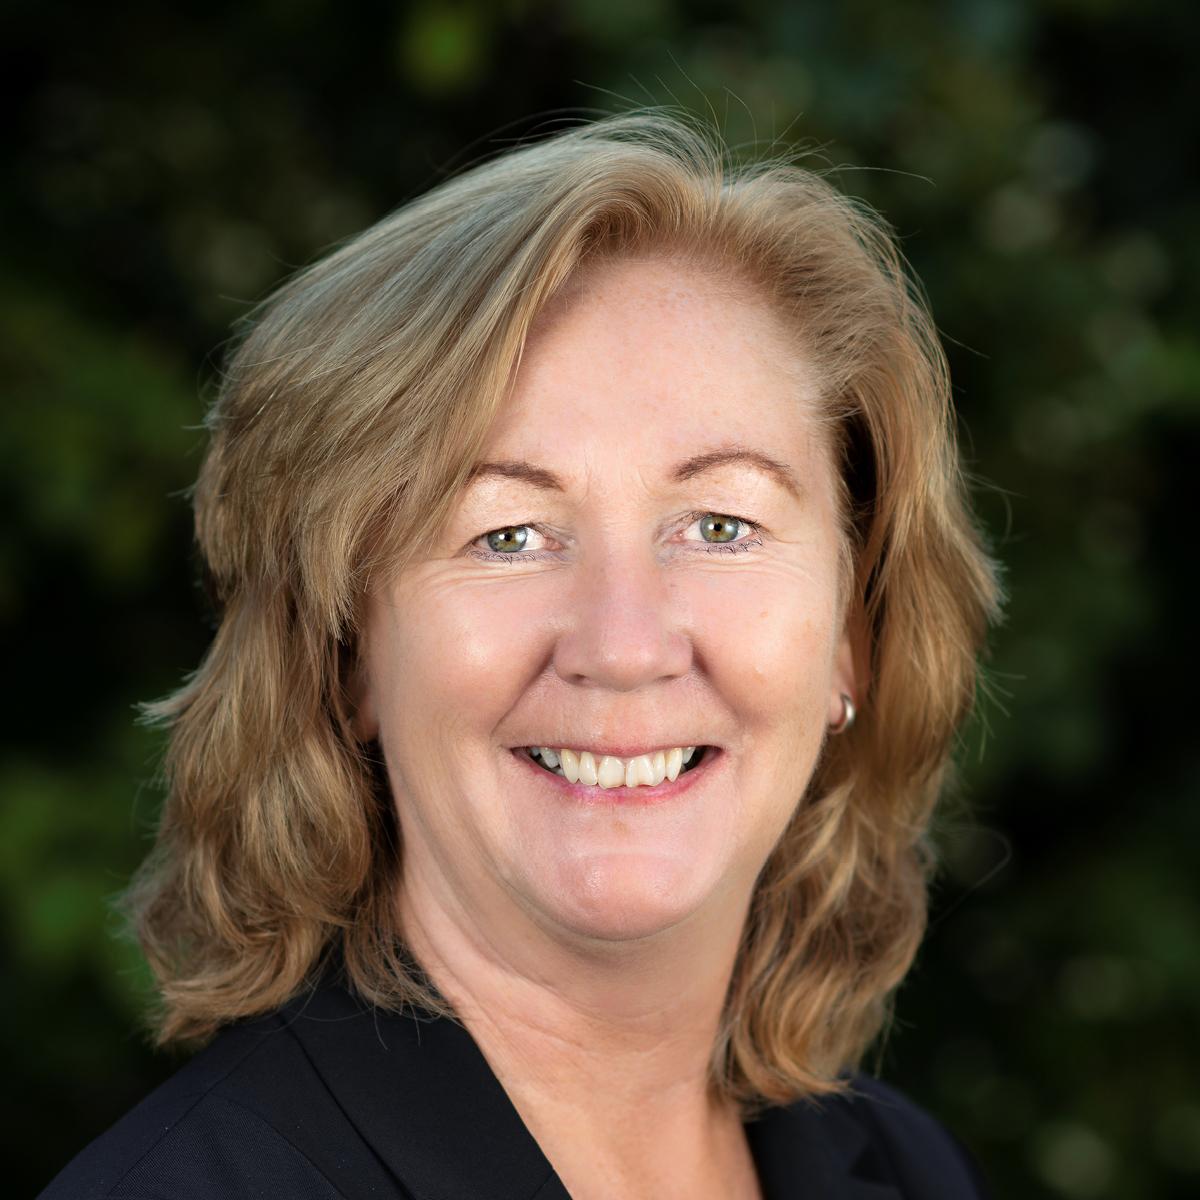 Hanne Buje Jensen